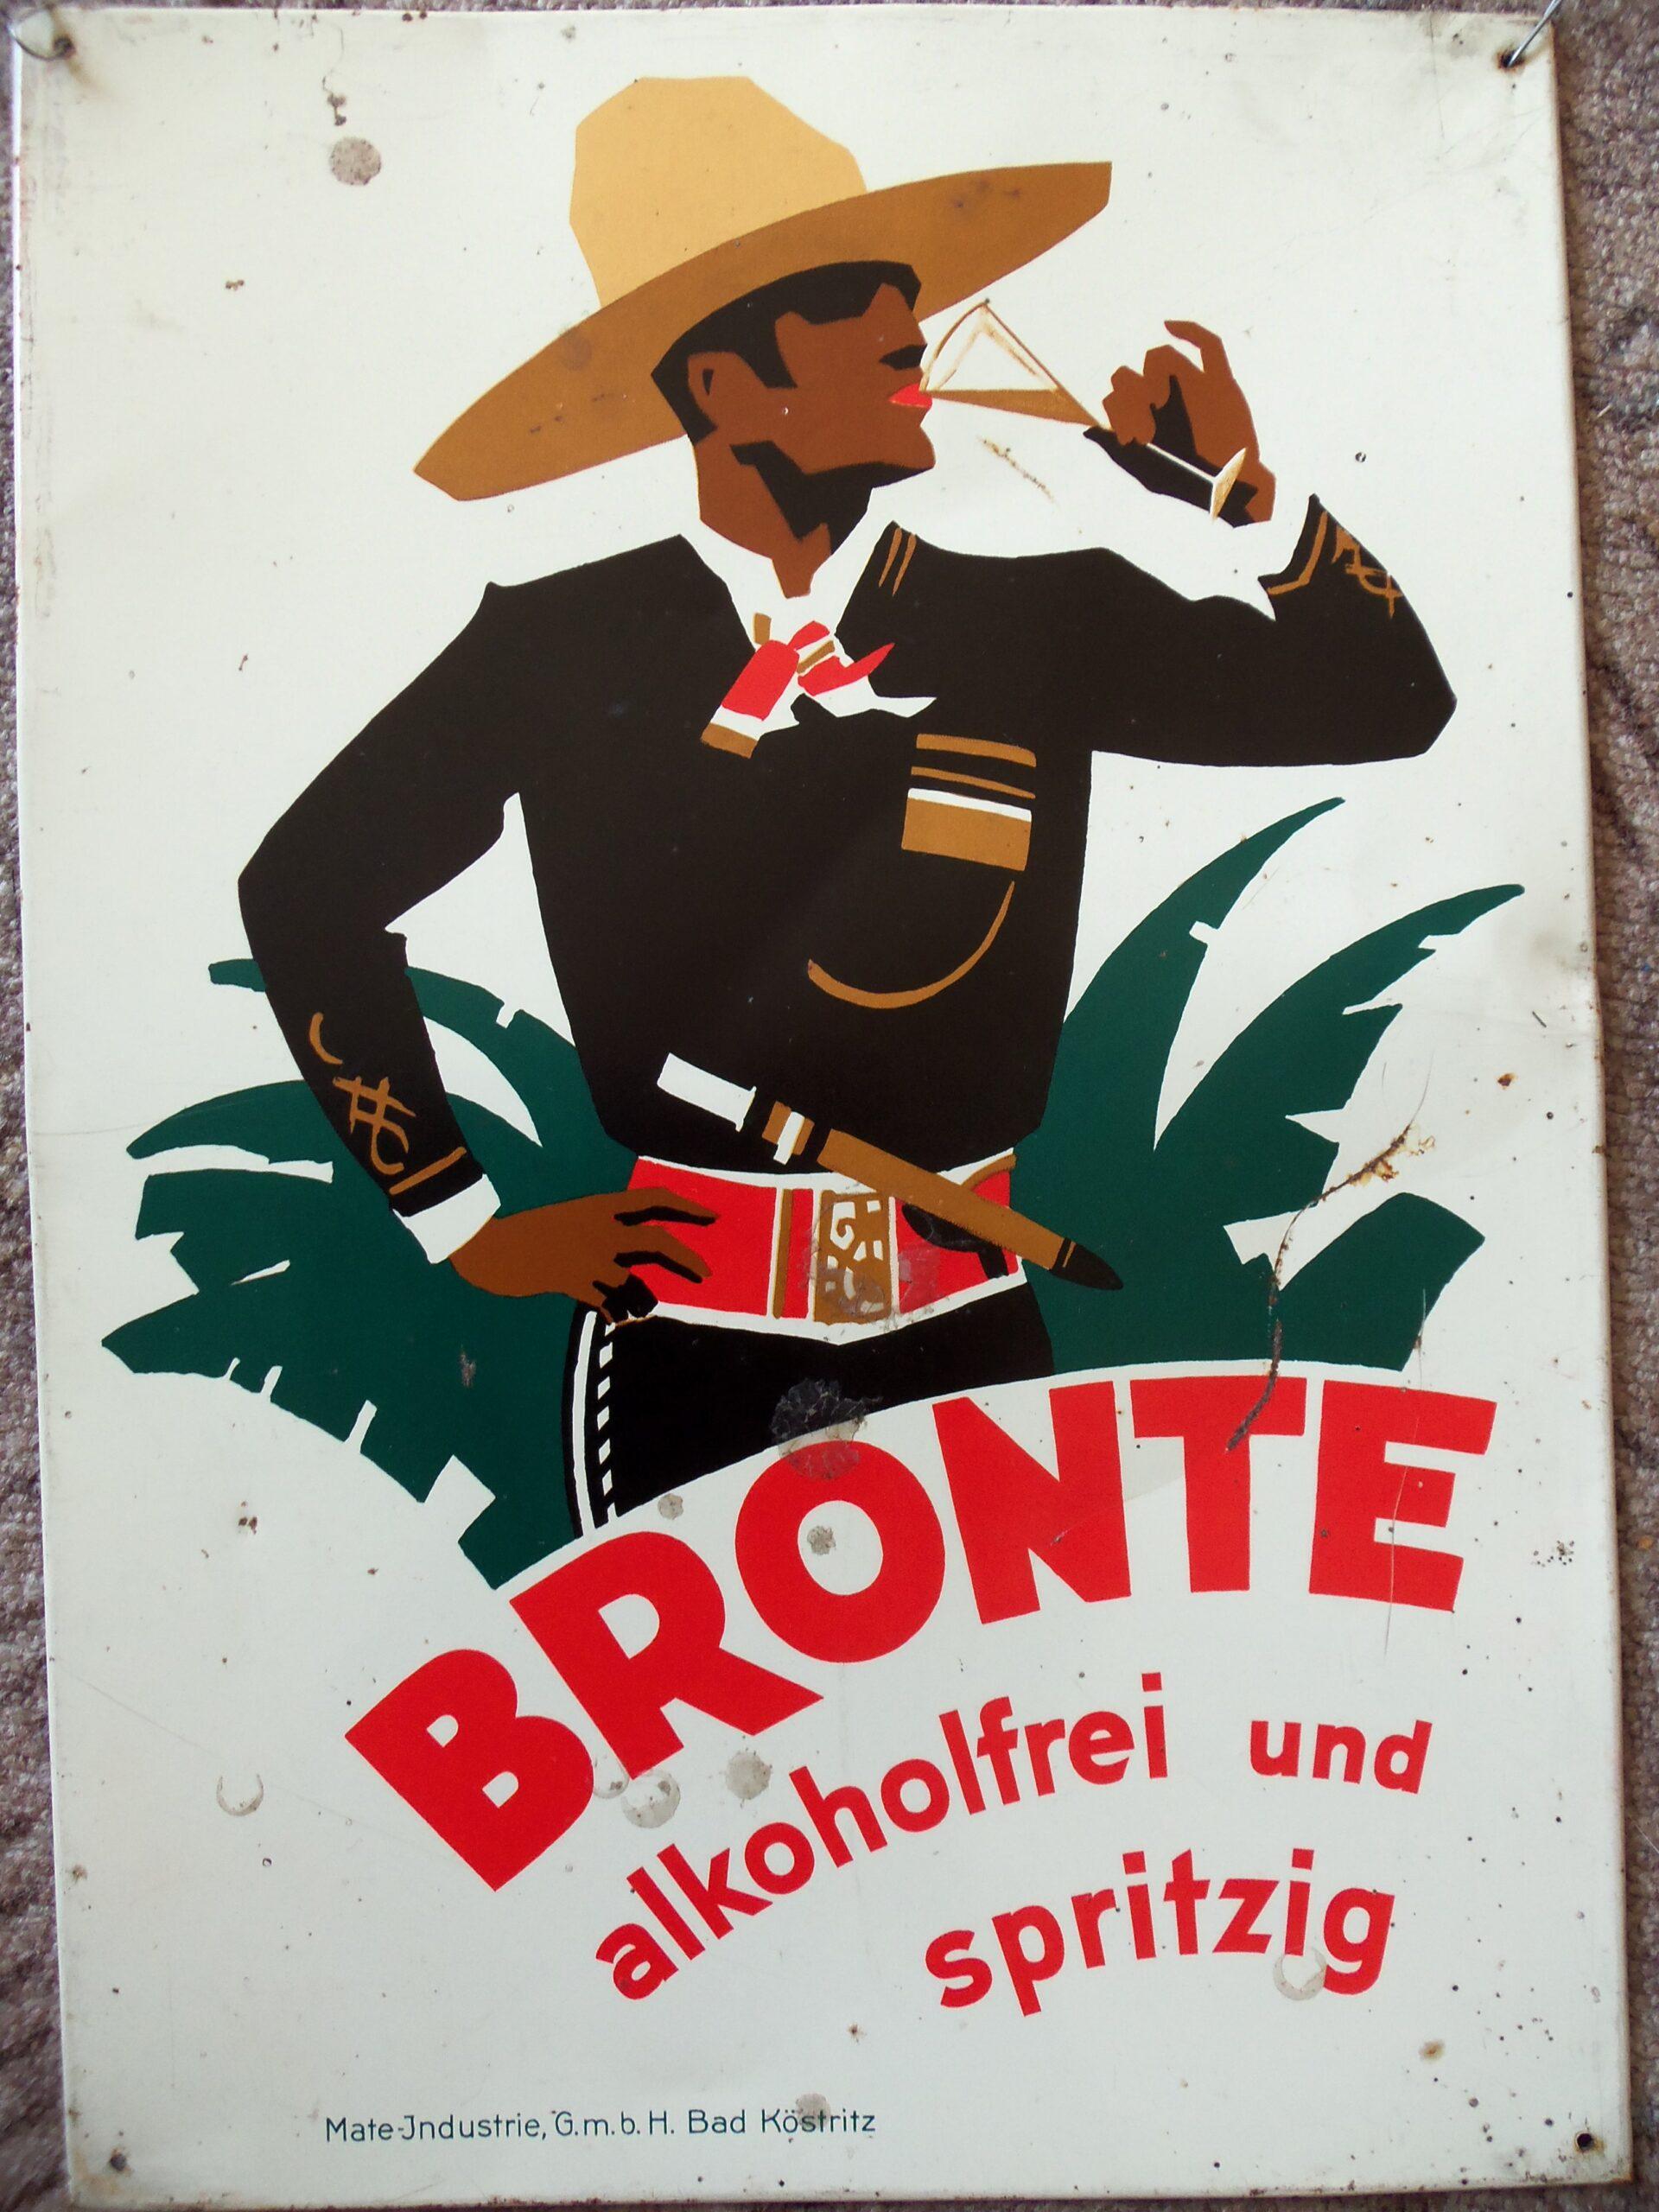 BRONTE-Werbeblech